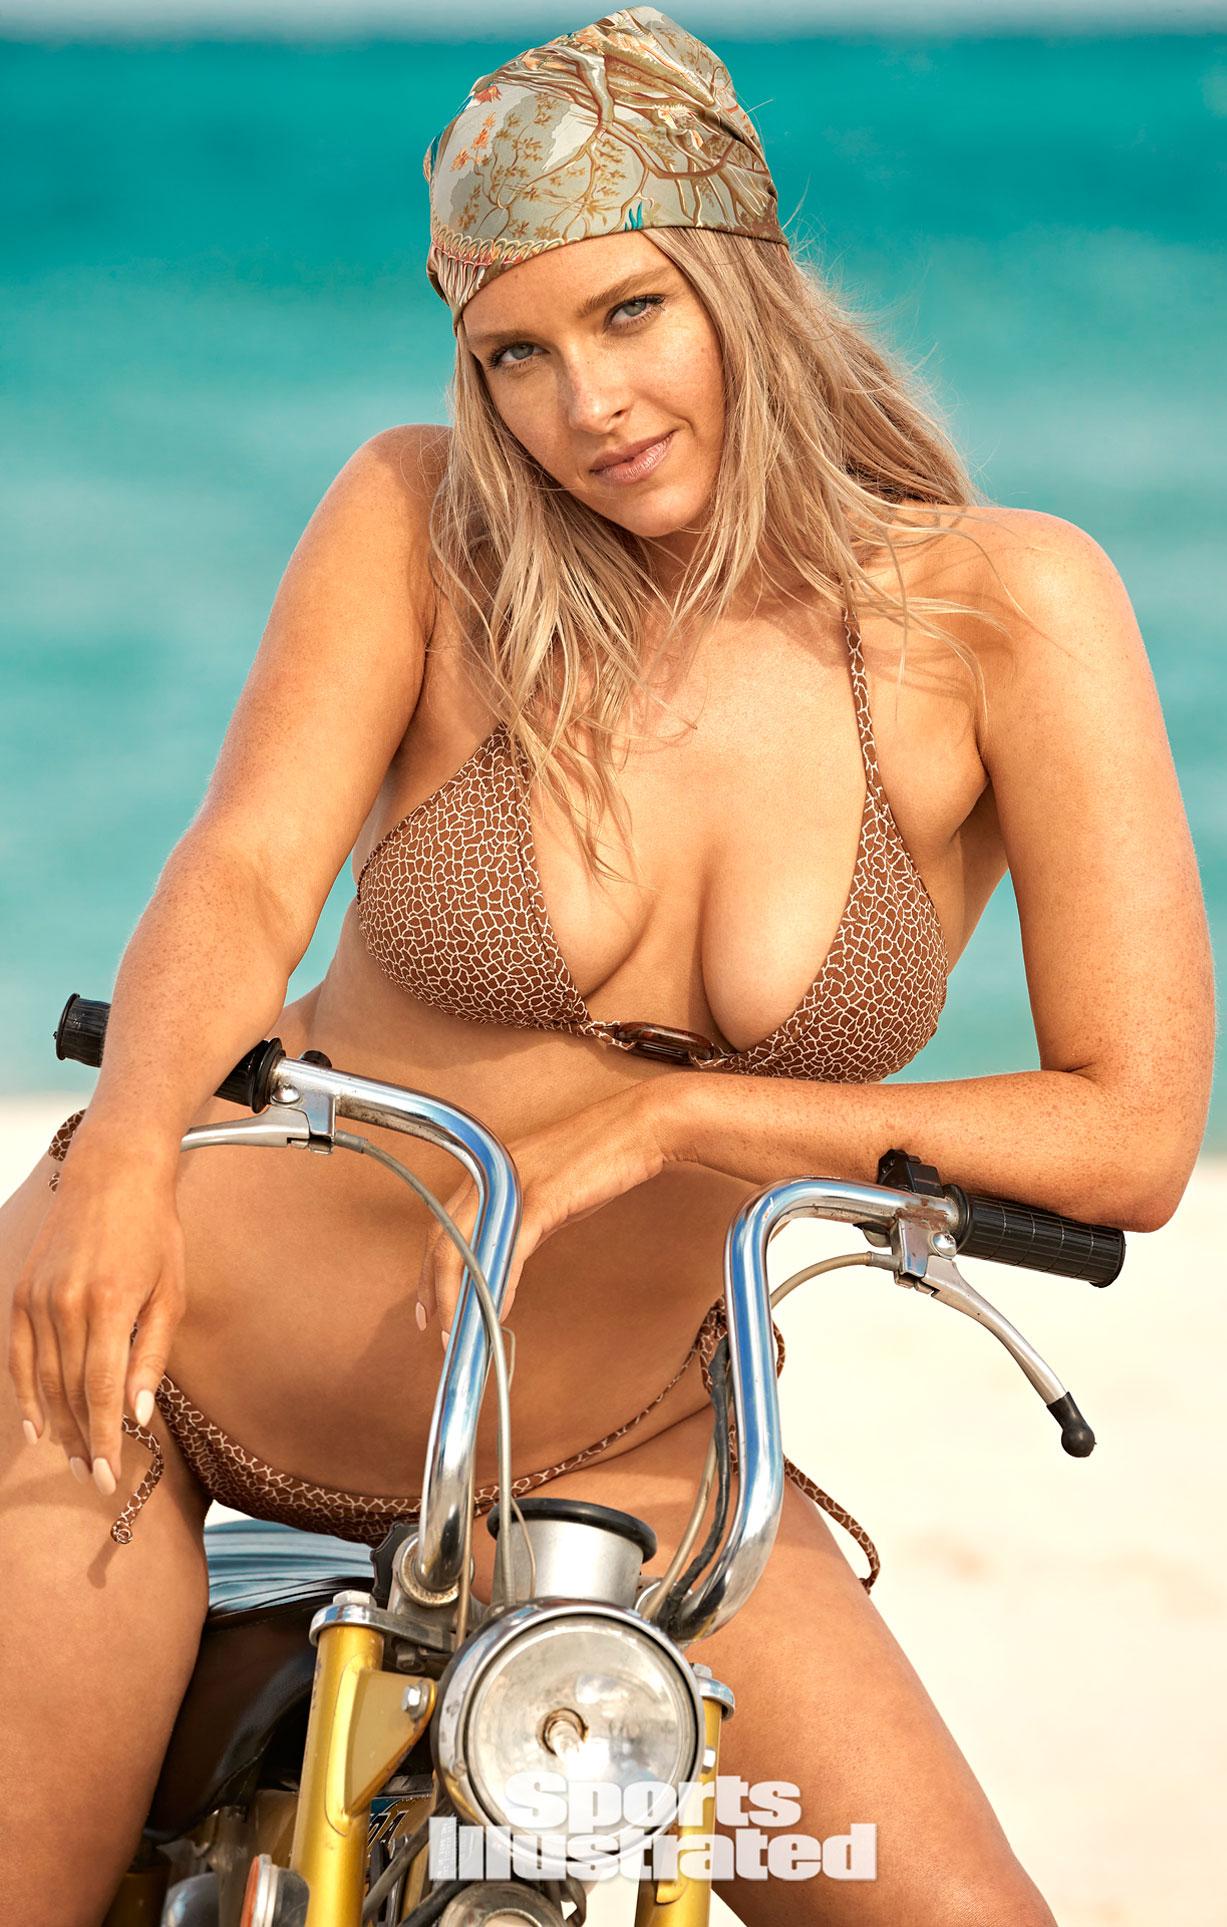 Камилль Костек в каталоге купальников Sports Illustrated Swimsuit 2021 / фото 03